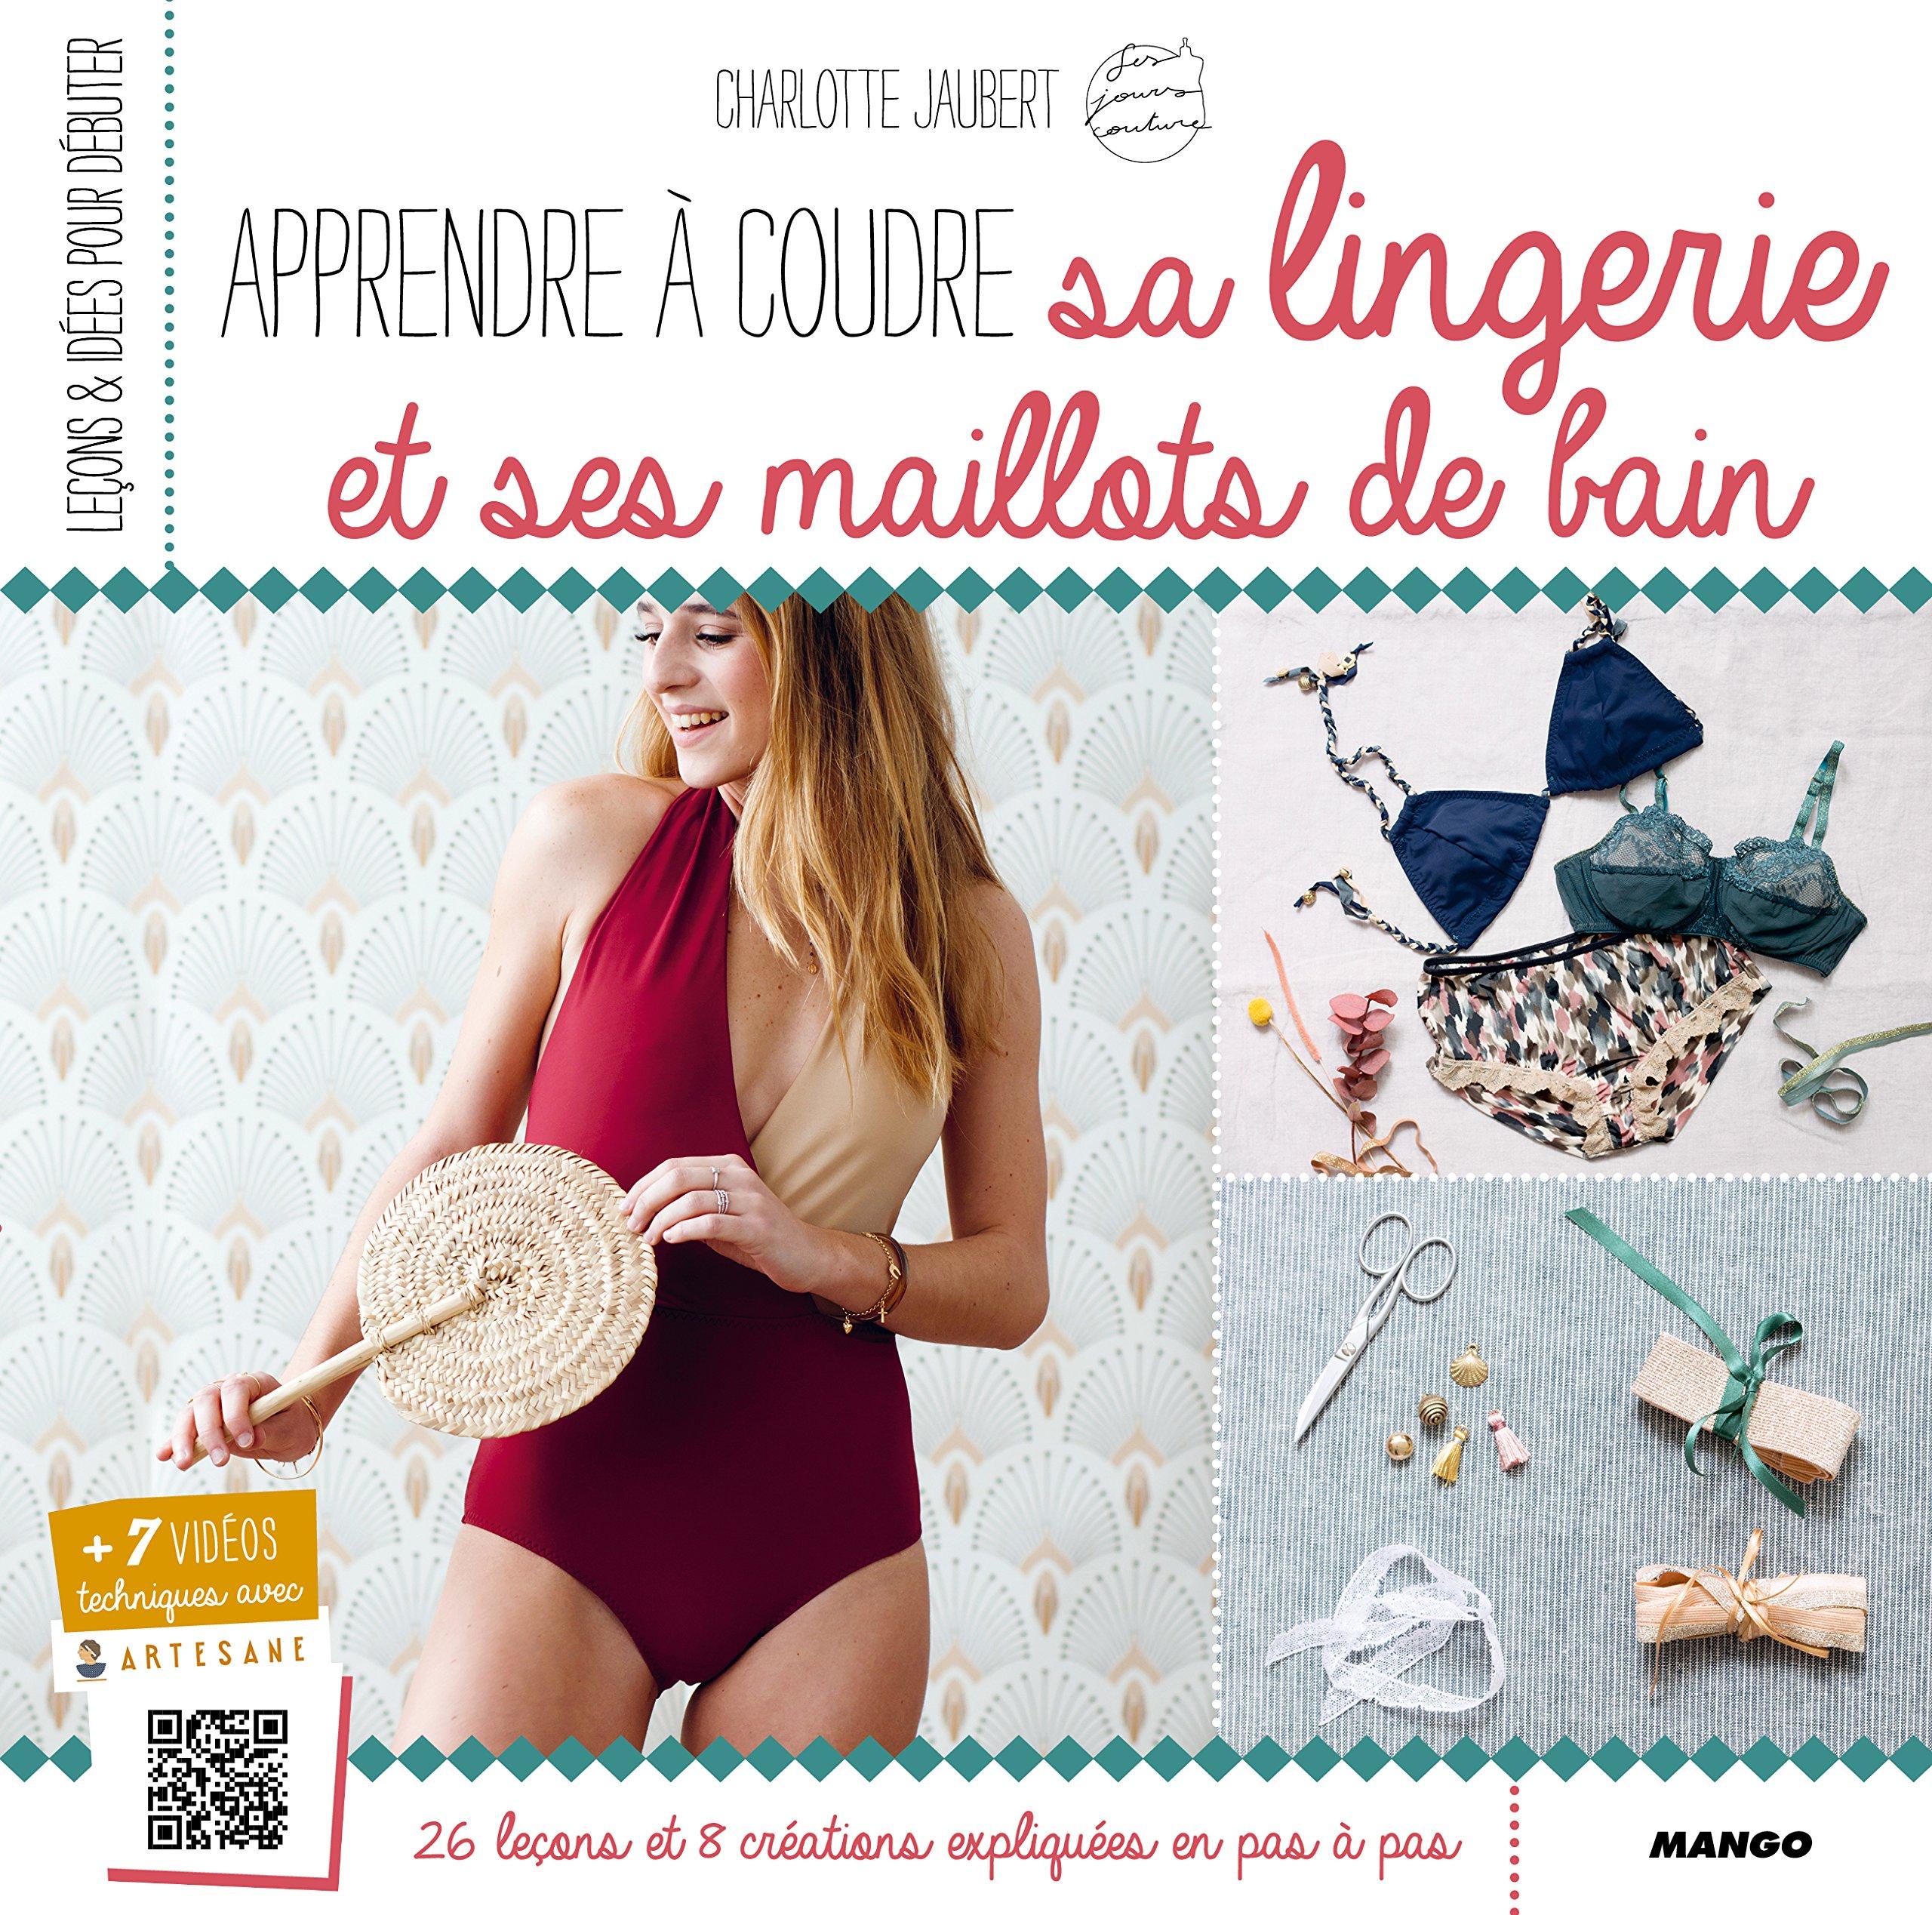 6d4c4e7529e Amazon.fr - Apprendre à coudre sa lingerie et ses maillots de bain -  Charlotte Jaubert - Livres